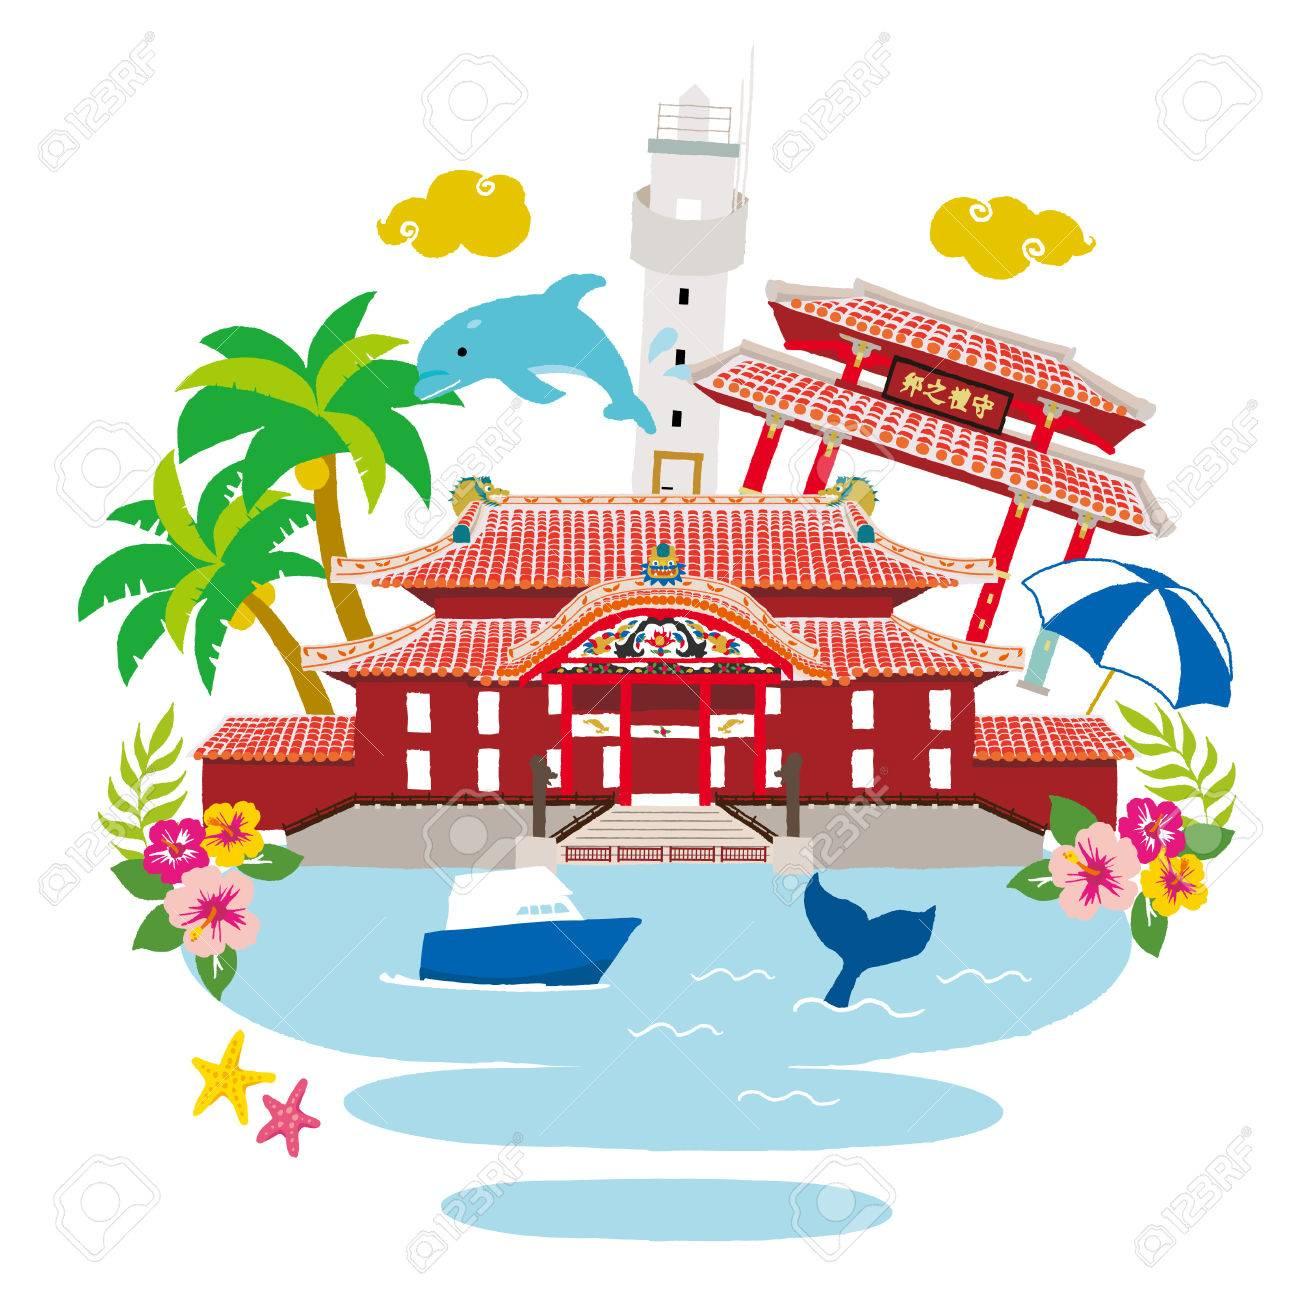 沖縄イラストのイラスト素材ベクタ Image 63386393